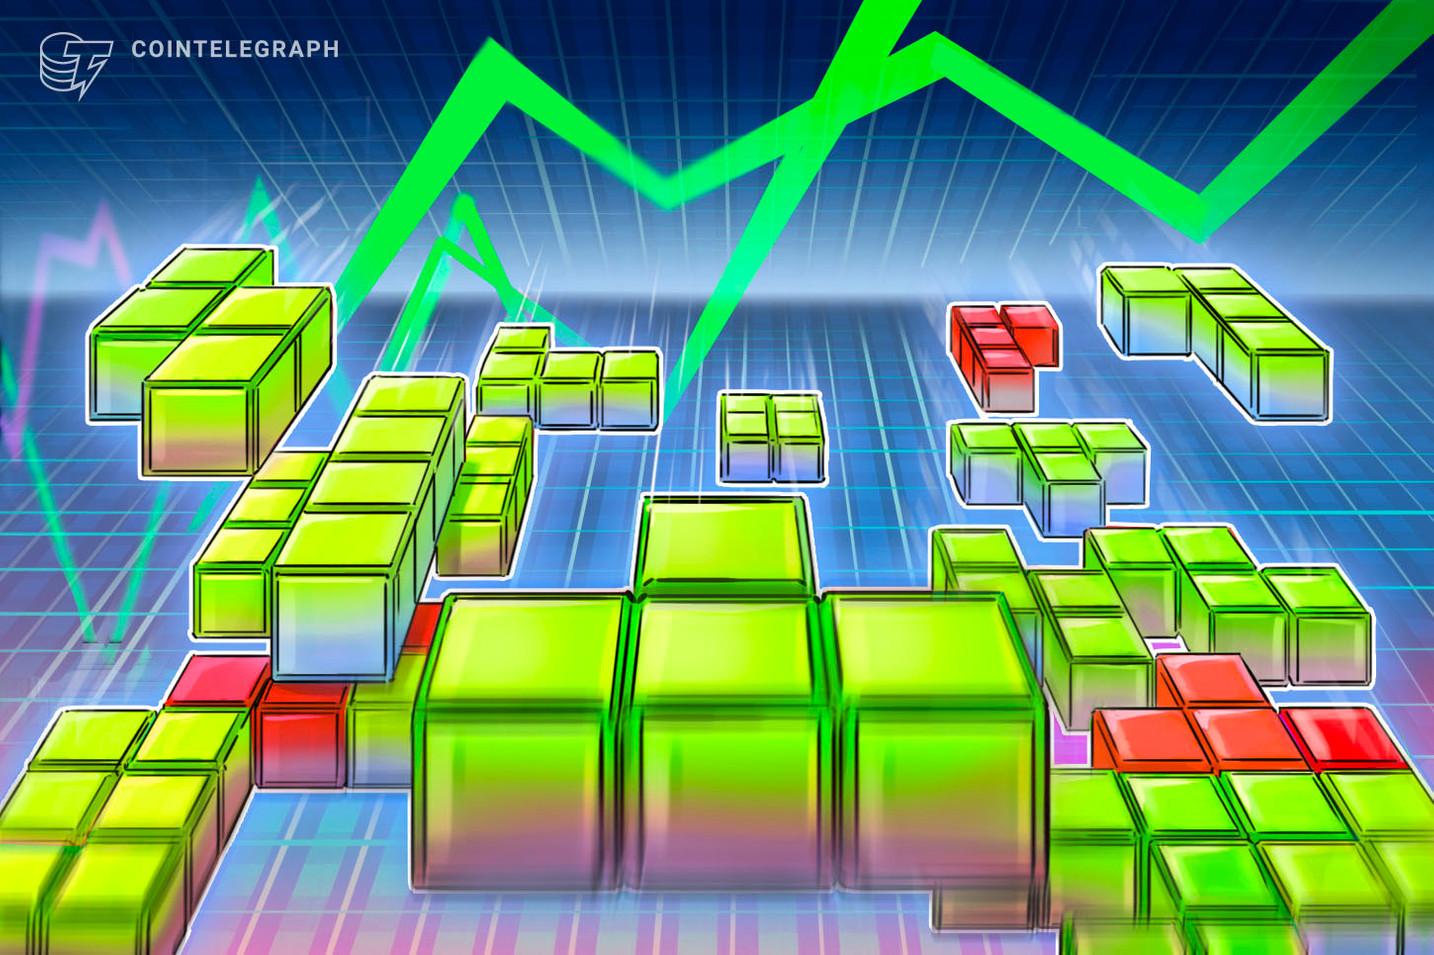 Kryptomärkte beim Handelsstart leicht im Plus, US-Aktien fallen